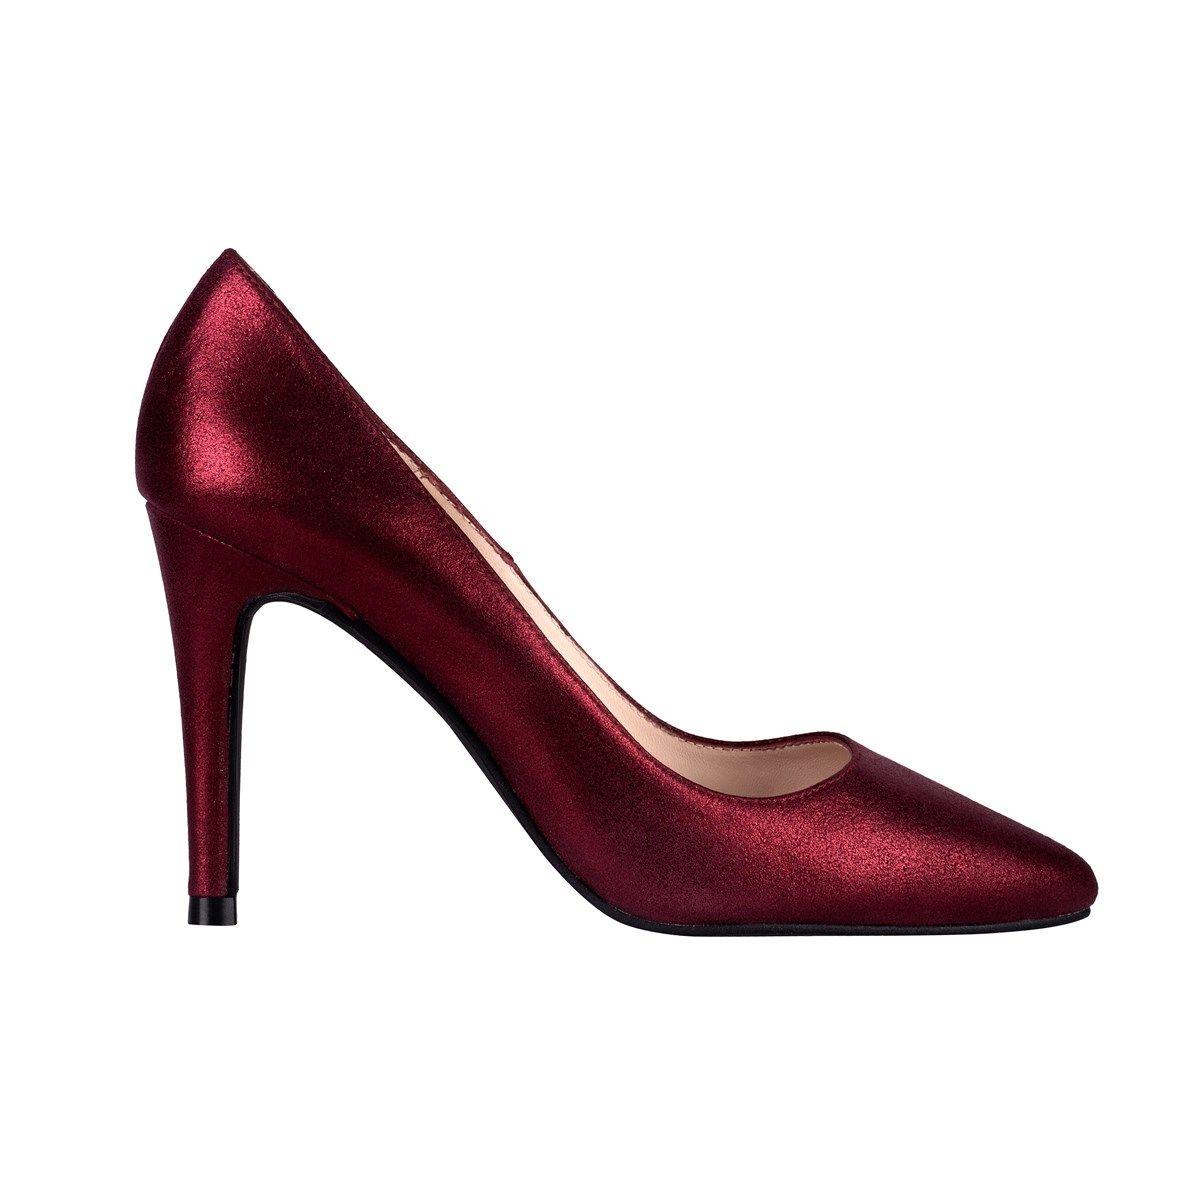 Escarpins femme talon aiguille bout pointu RITASTAR chaussures petites pointures